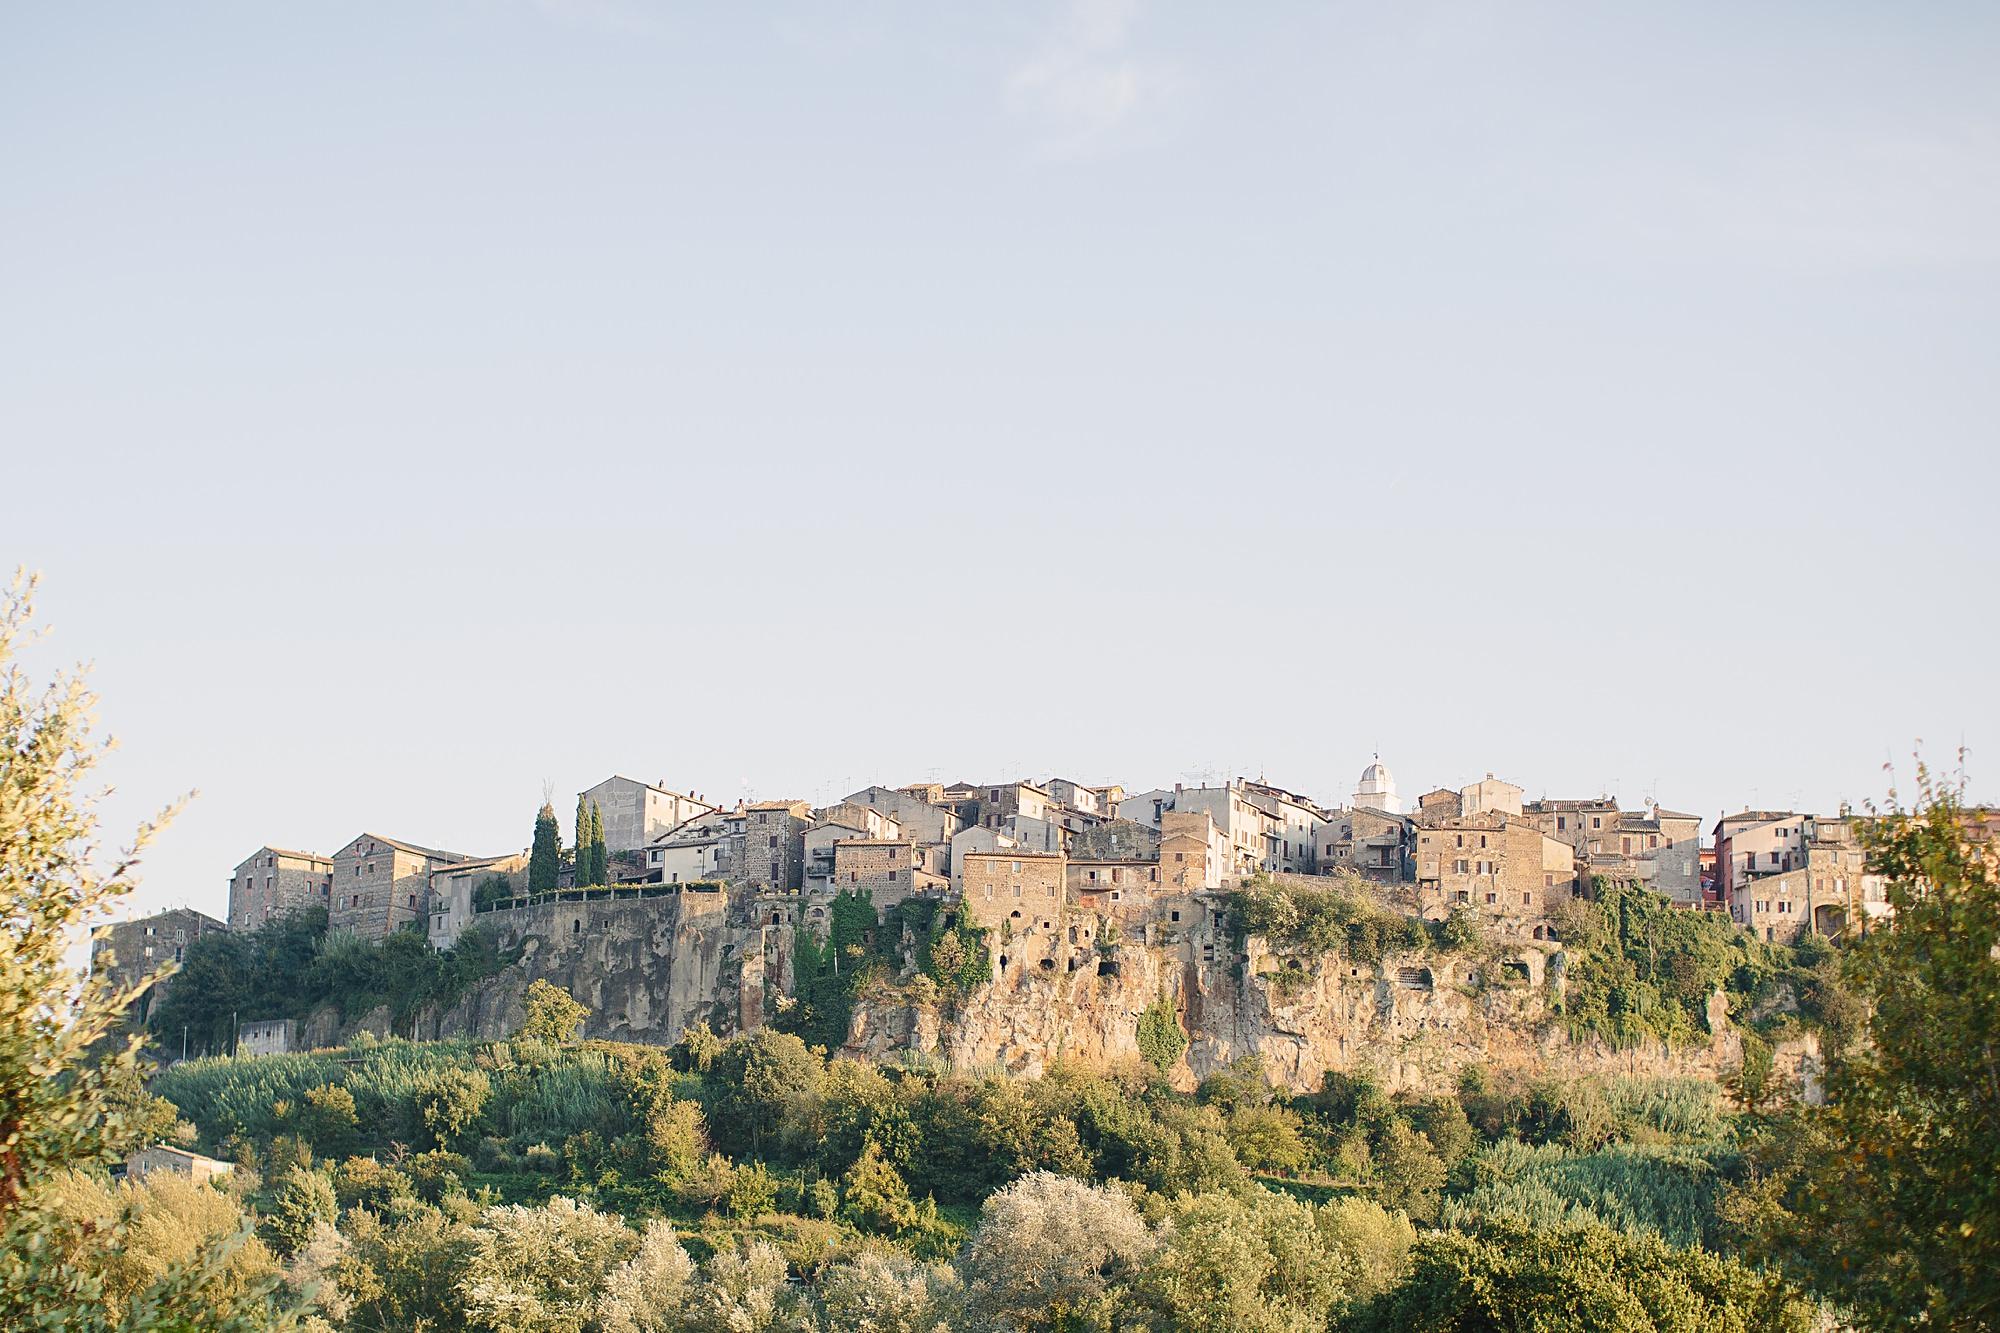 San Gimignano Tuscany Italy Fine Art Photography NB2A8311.jpg